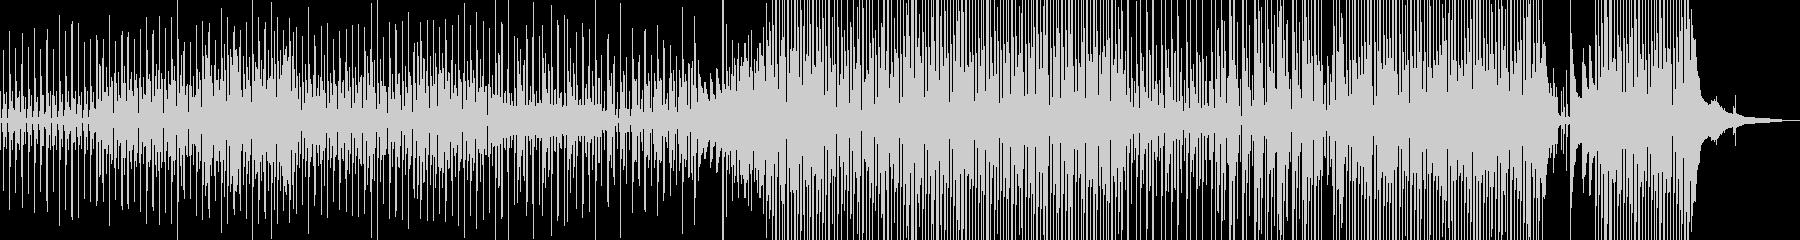 ウクレレ・後半賑やか 日常作品に C★の未再生の波形